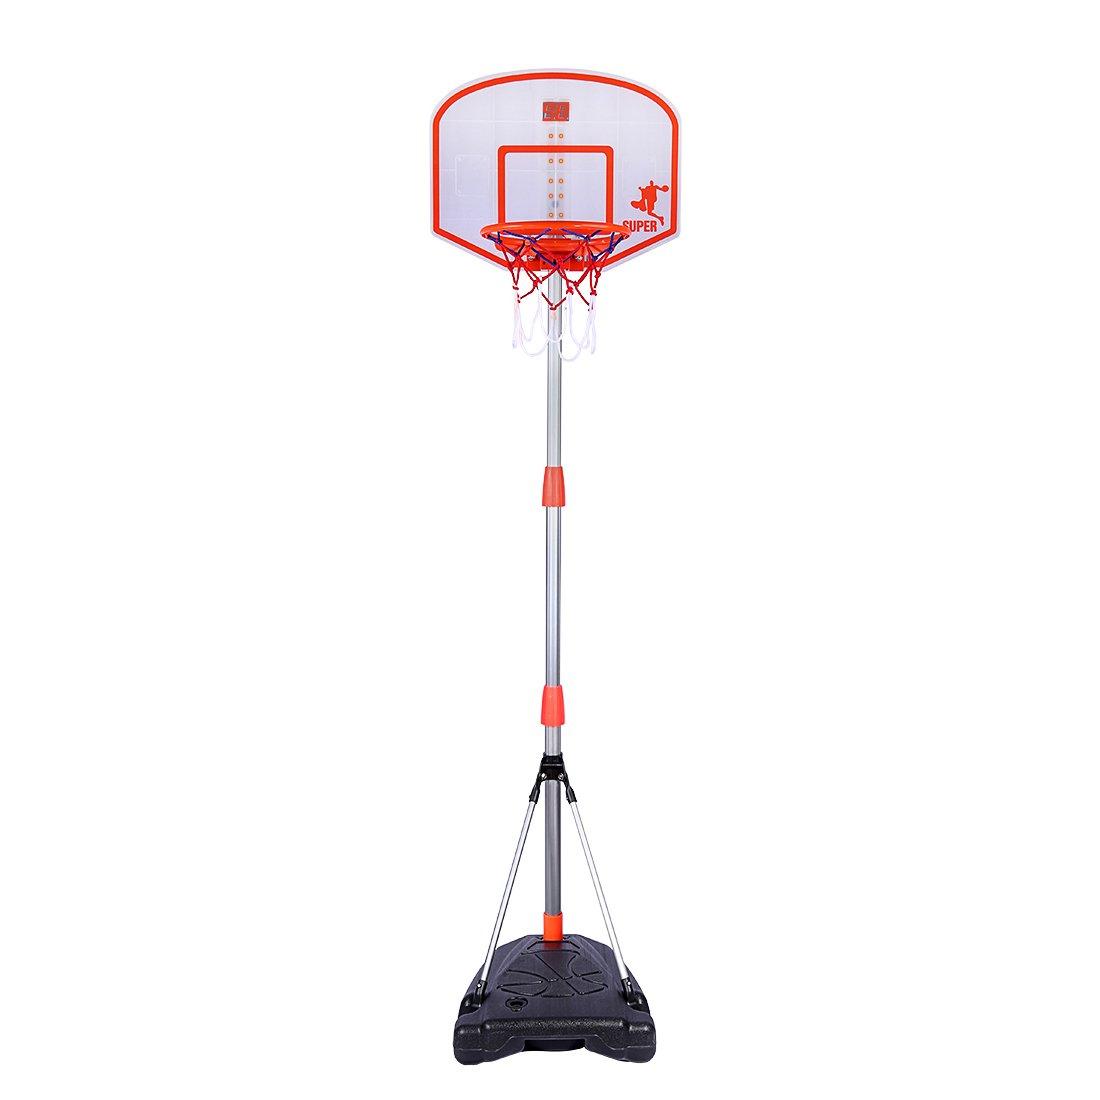 LoKauf 170CM Ajustable Canasta Infantil Canastas Baloncesto Infantiles Basketball Hoop con Dispositivo de Puntuación